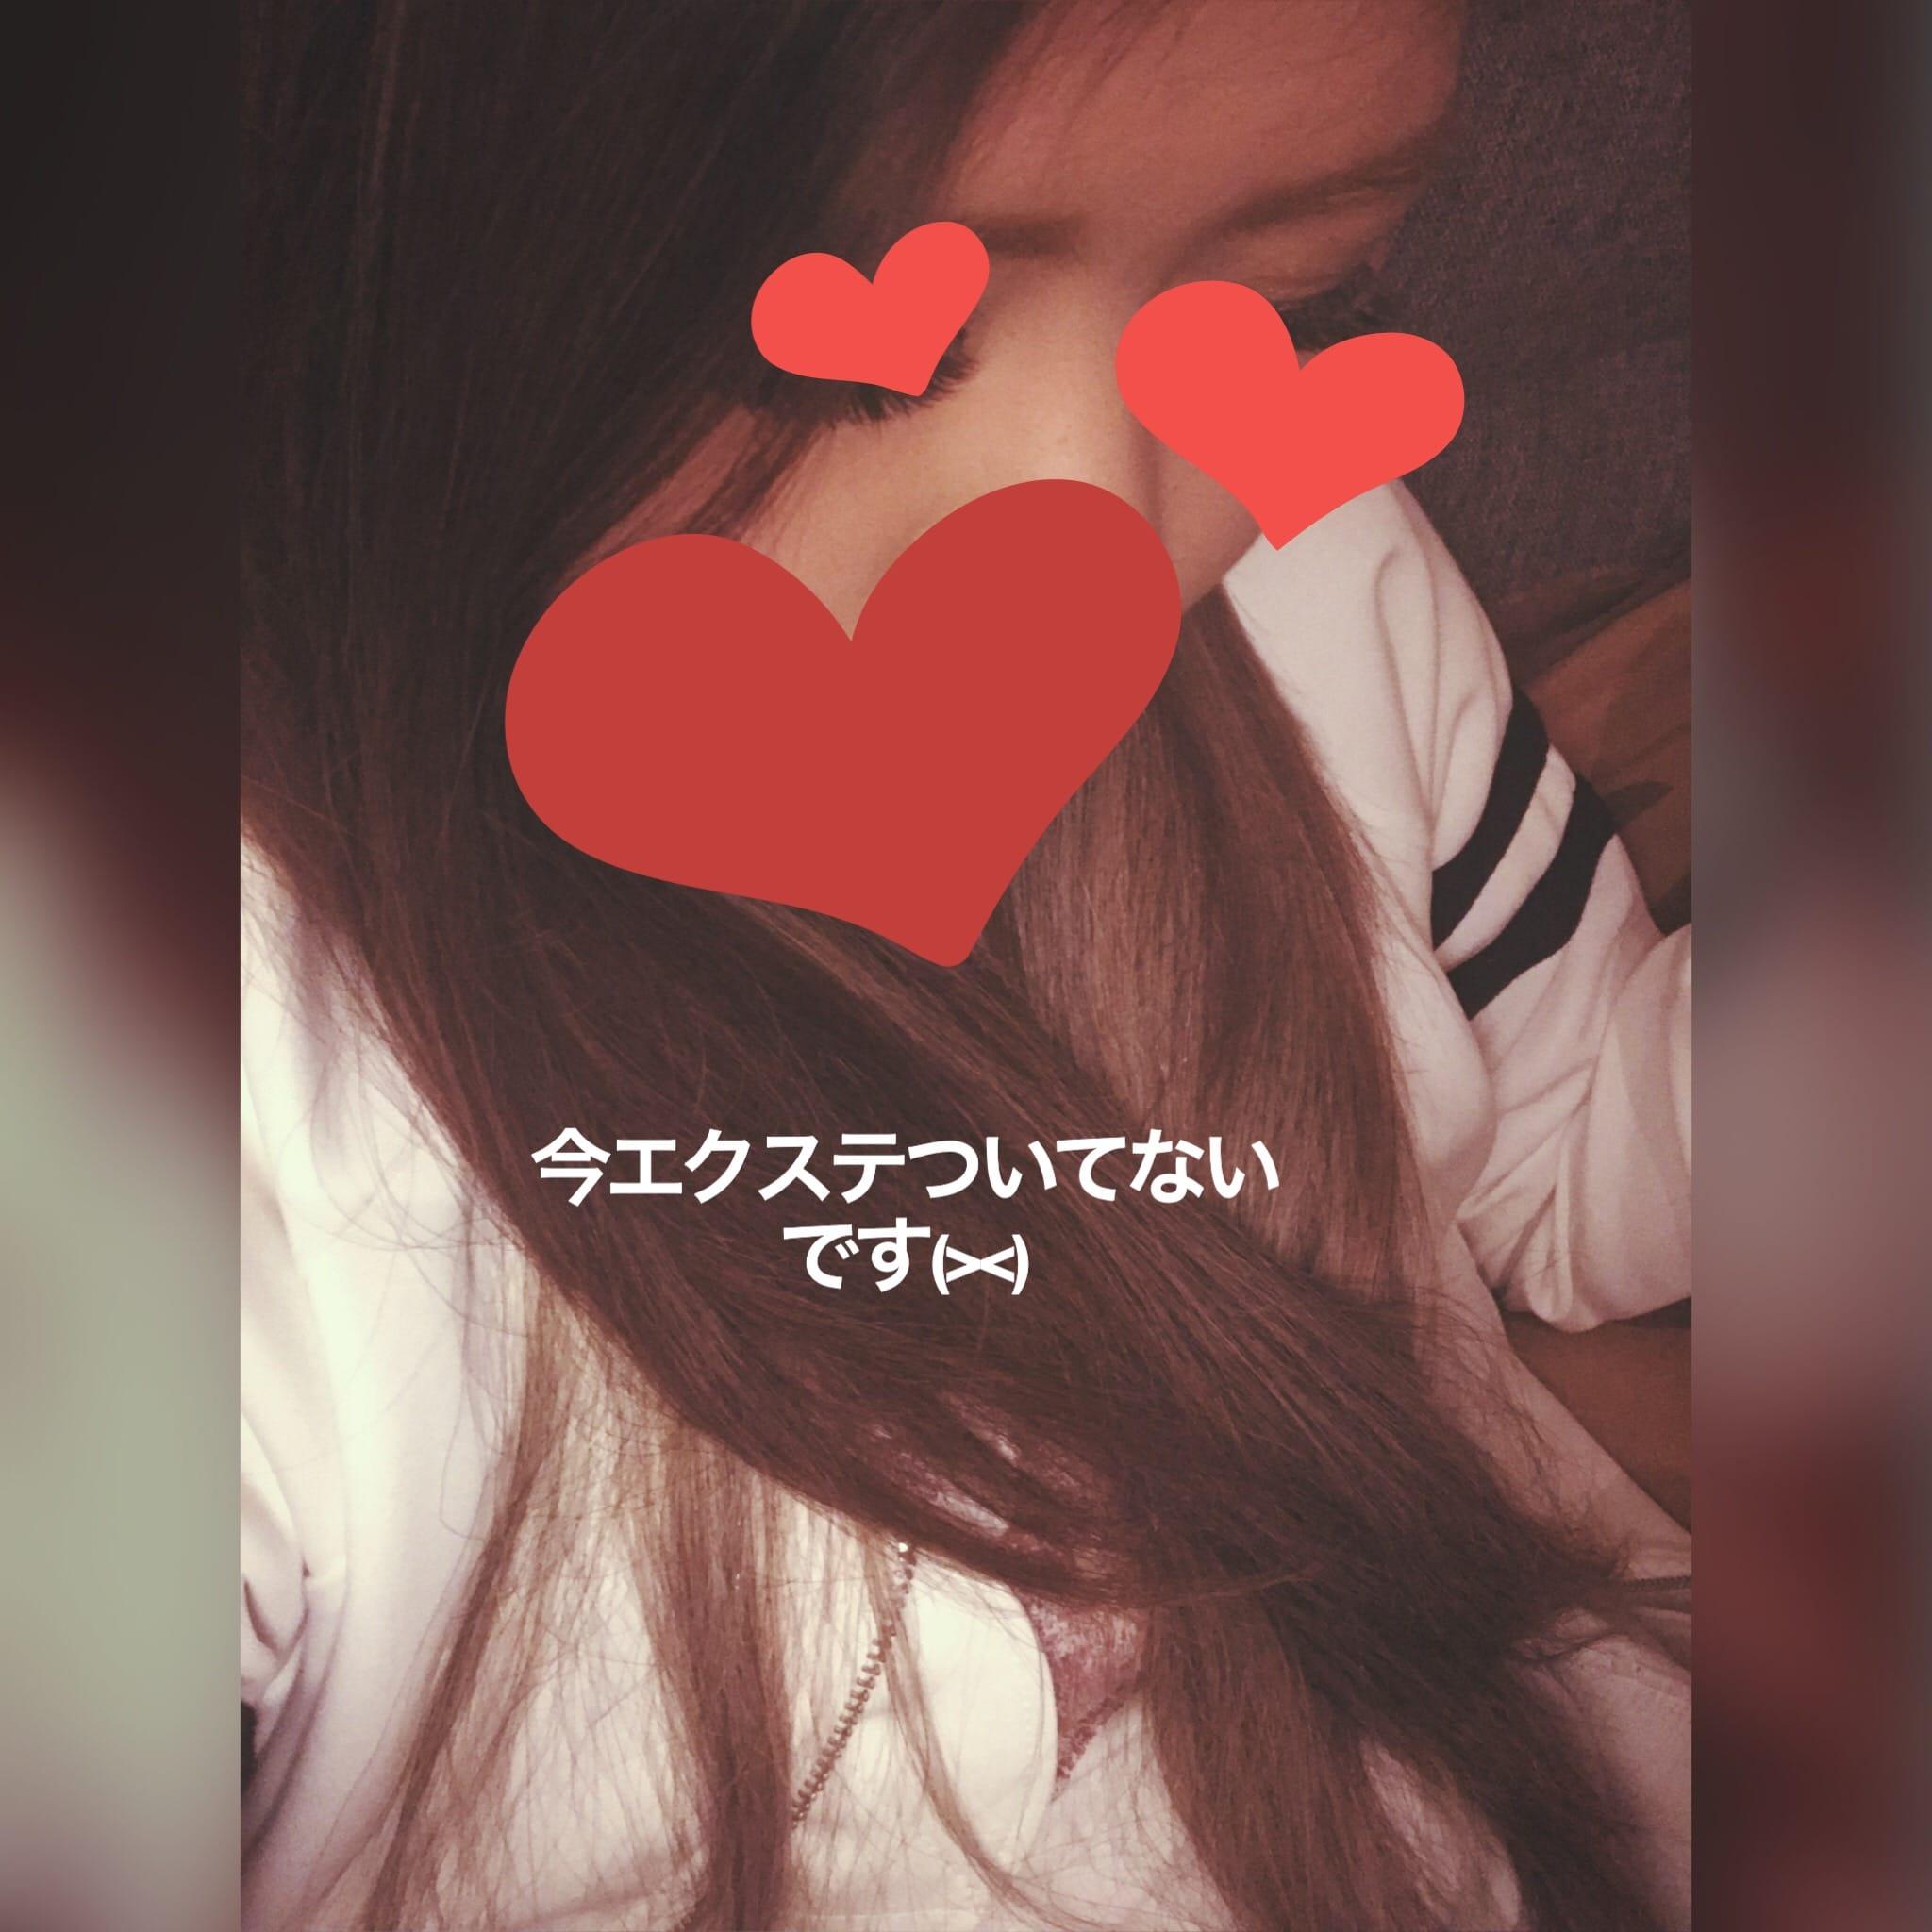 「ごめんなさい(´・・`)」05/07(05/07) 23:04 | 芹沢くみの写メ・風俗動画